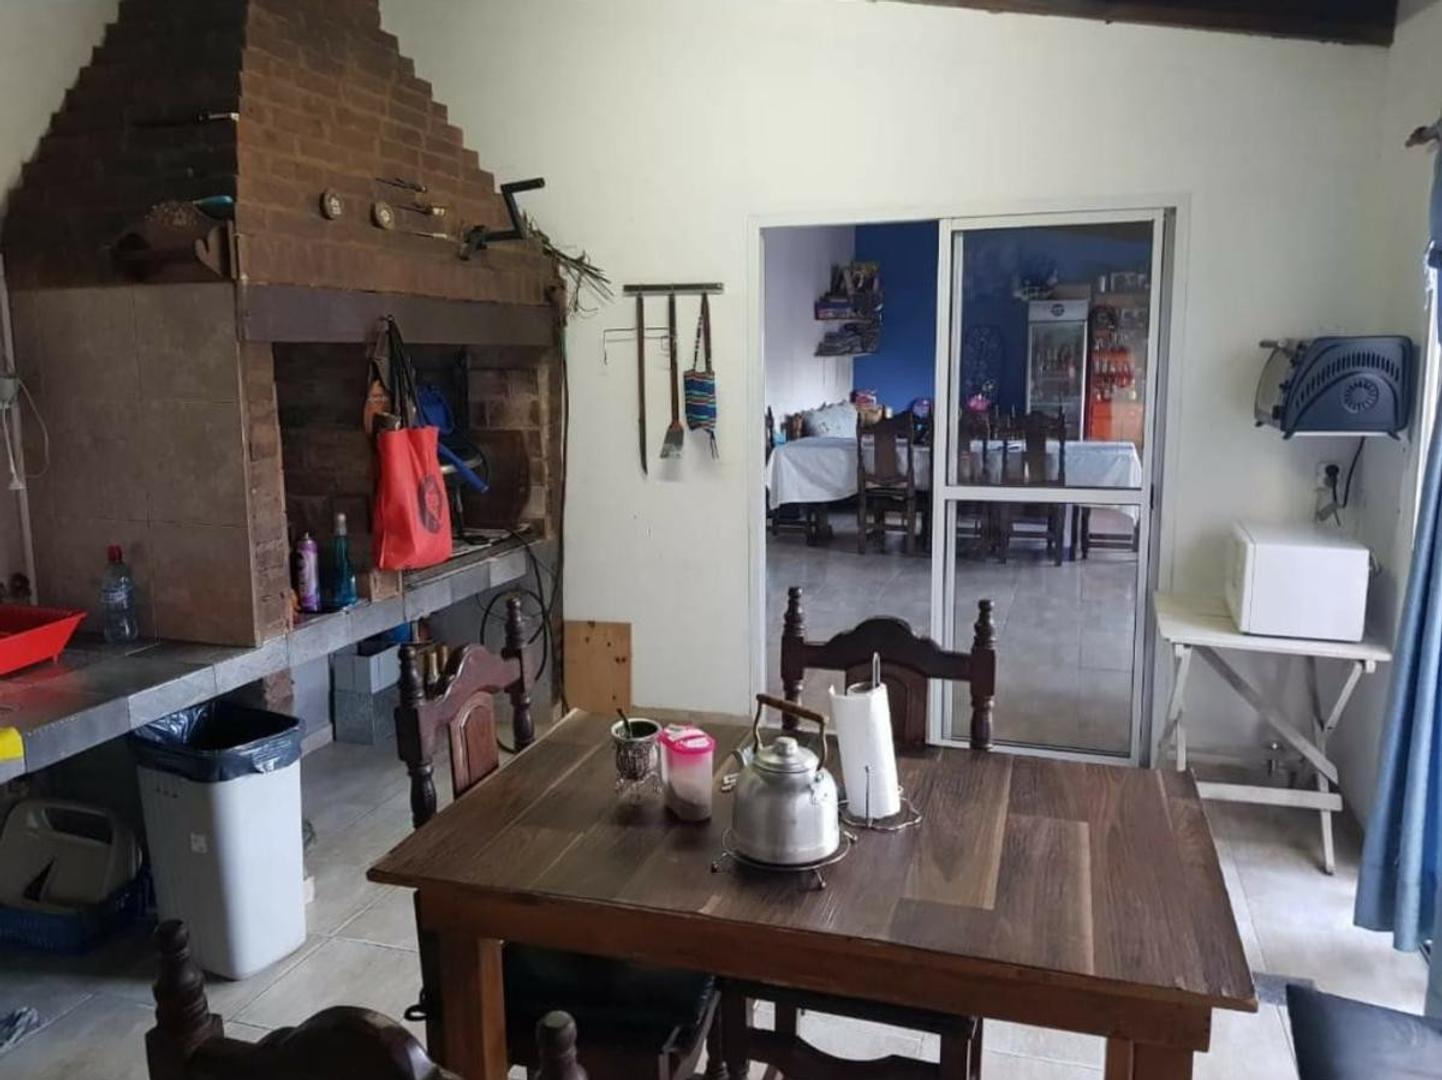 Casa 3 dormitorios-Lote 415 mts 2 y 230 mts 2 cubiertos- APTA BANCO - Villa Elvira - Foto 16